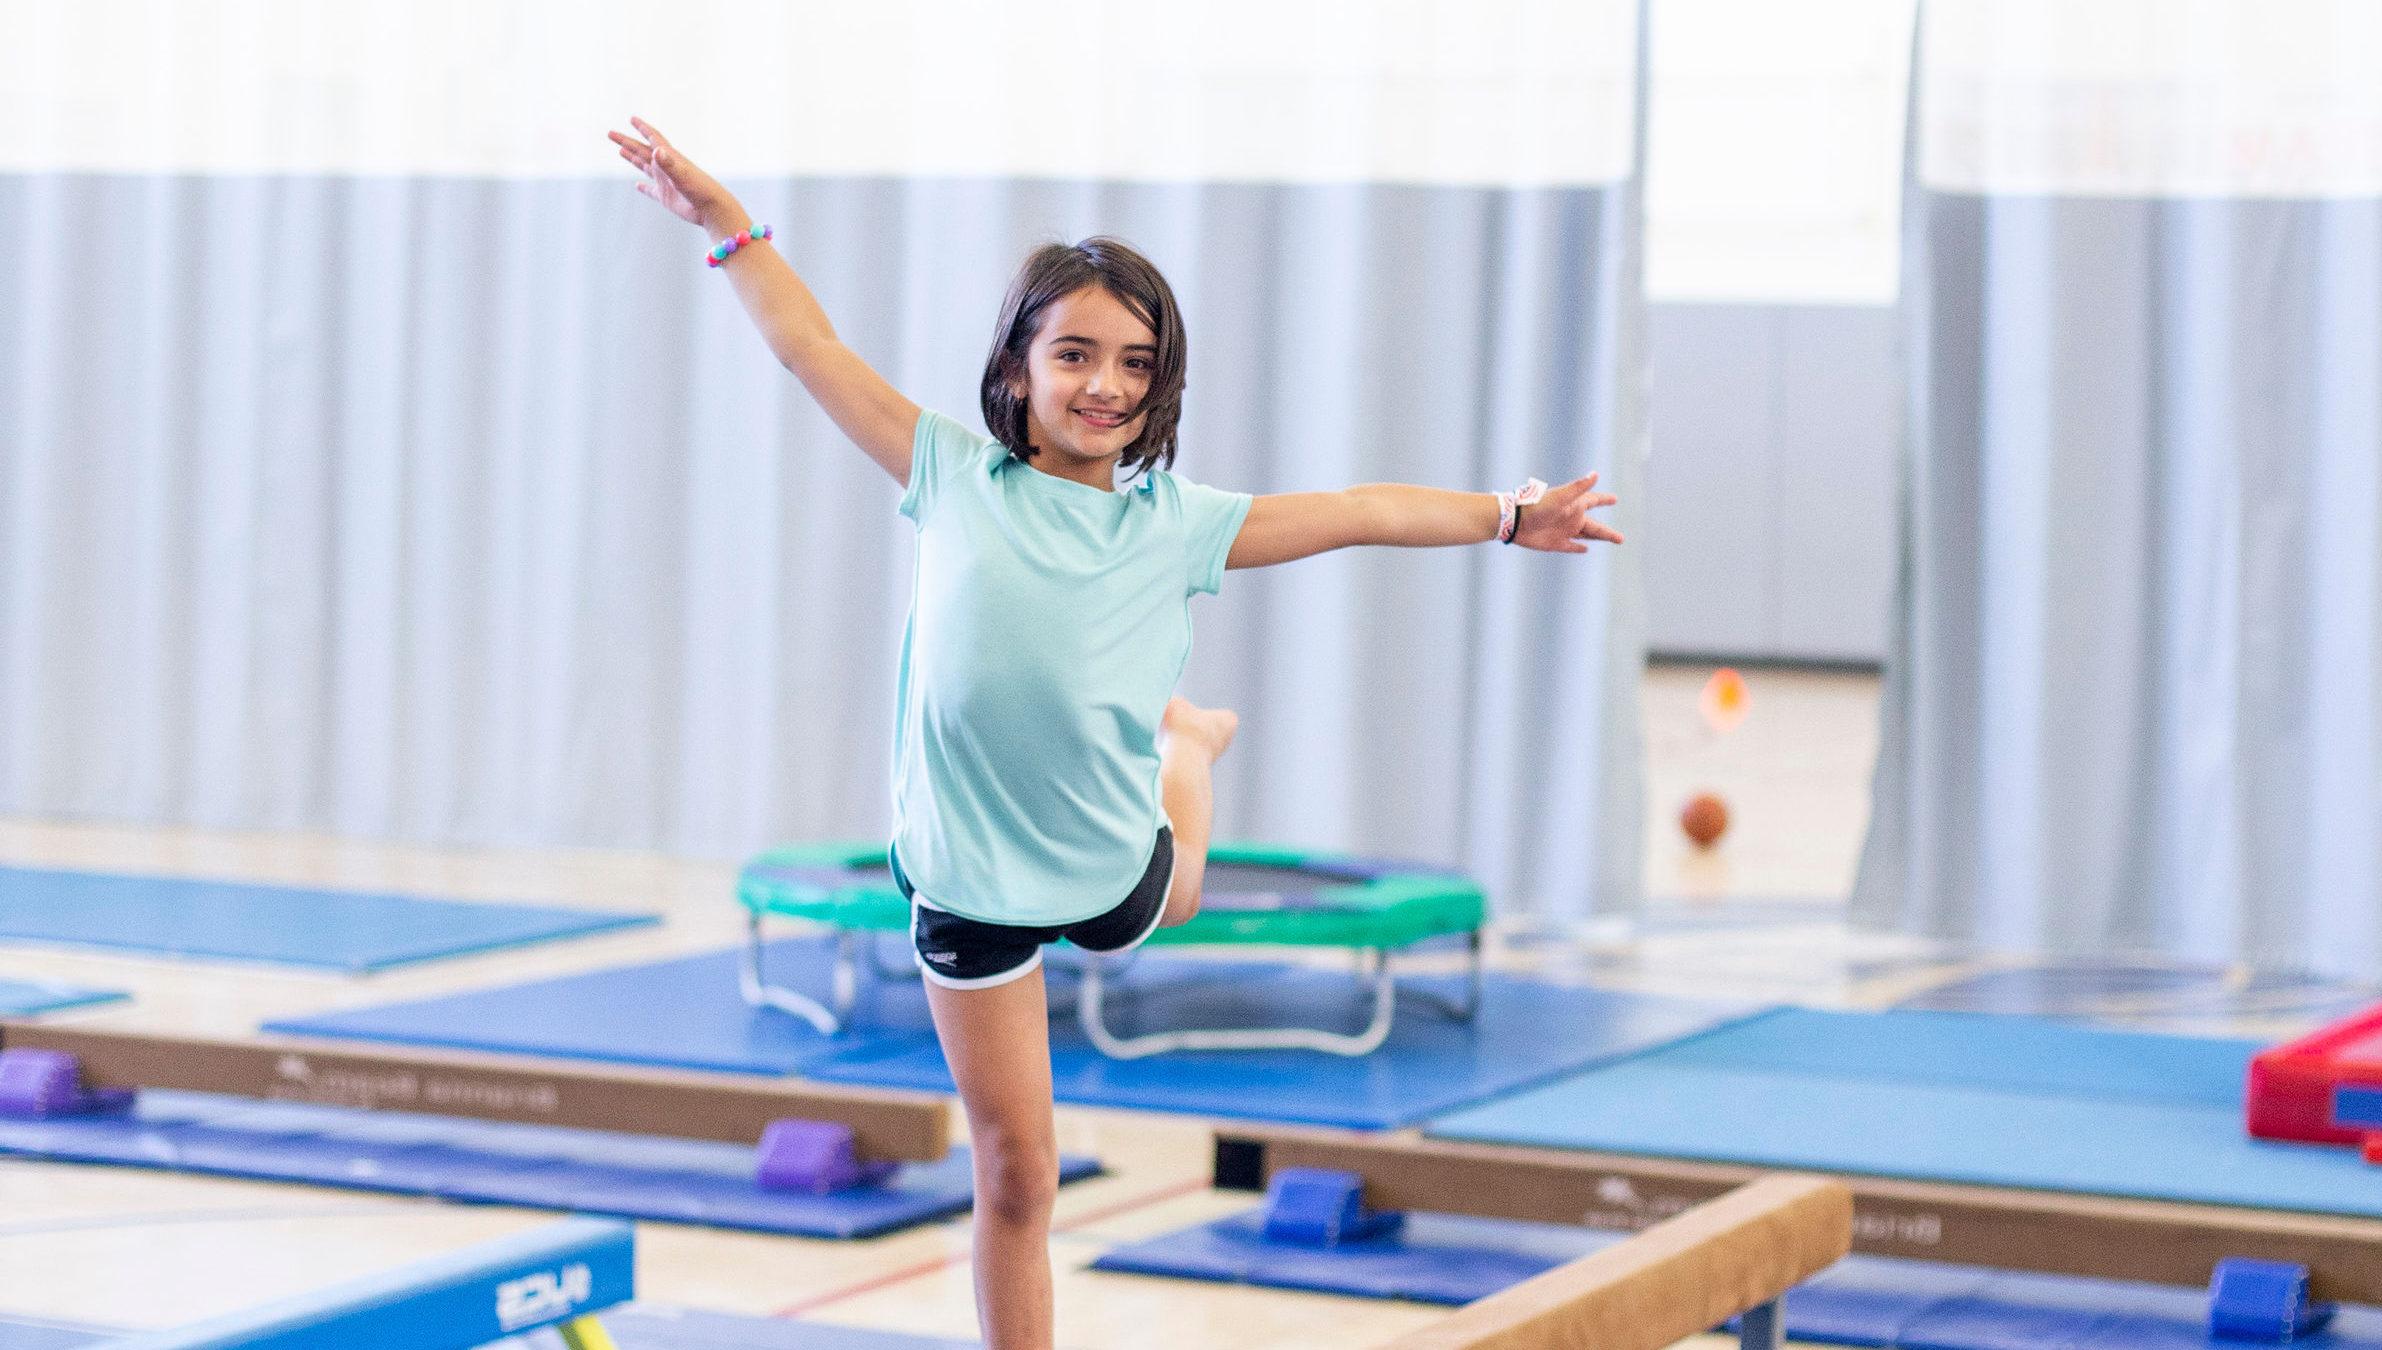 Girl doing gymnastics